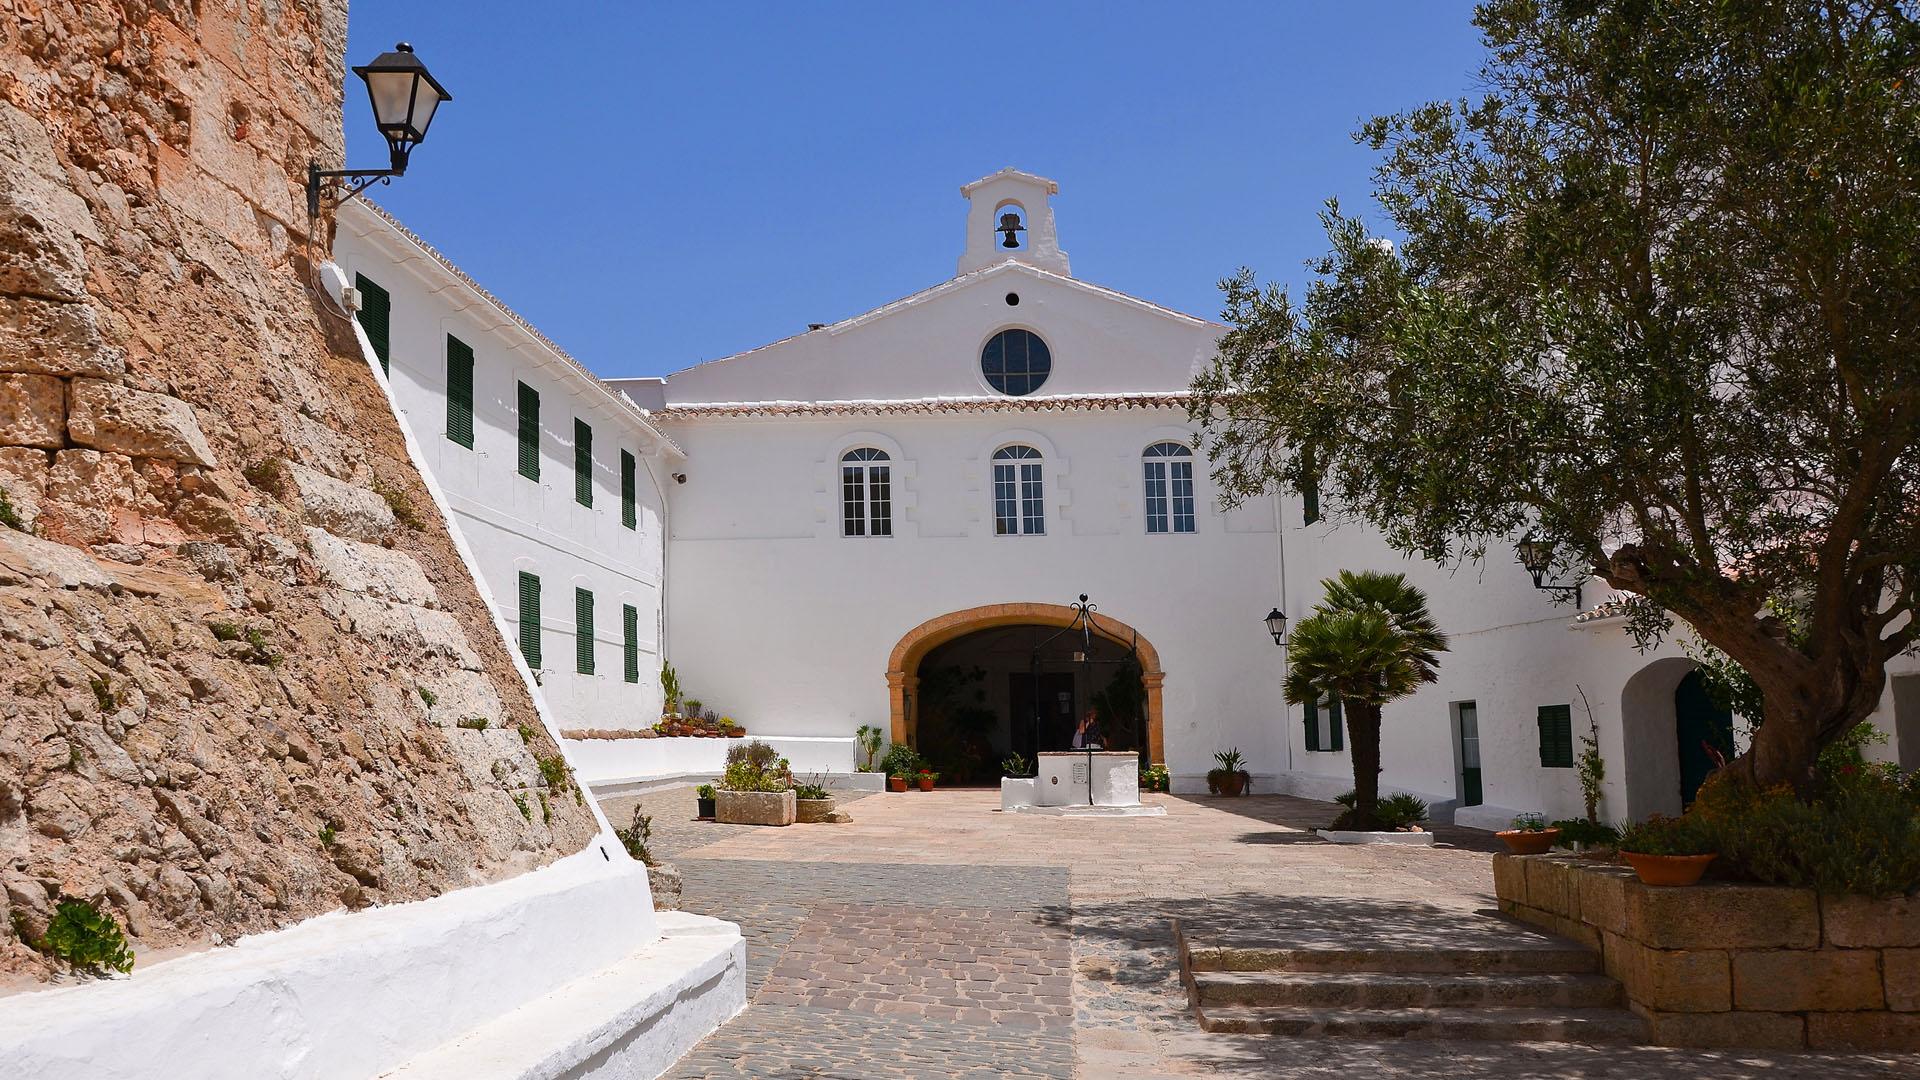 Imagen Santuario Monte Toro